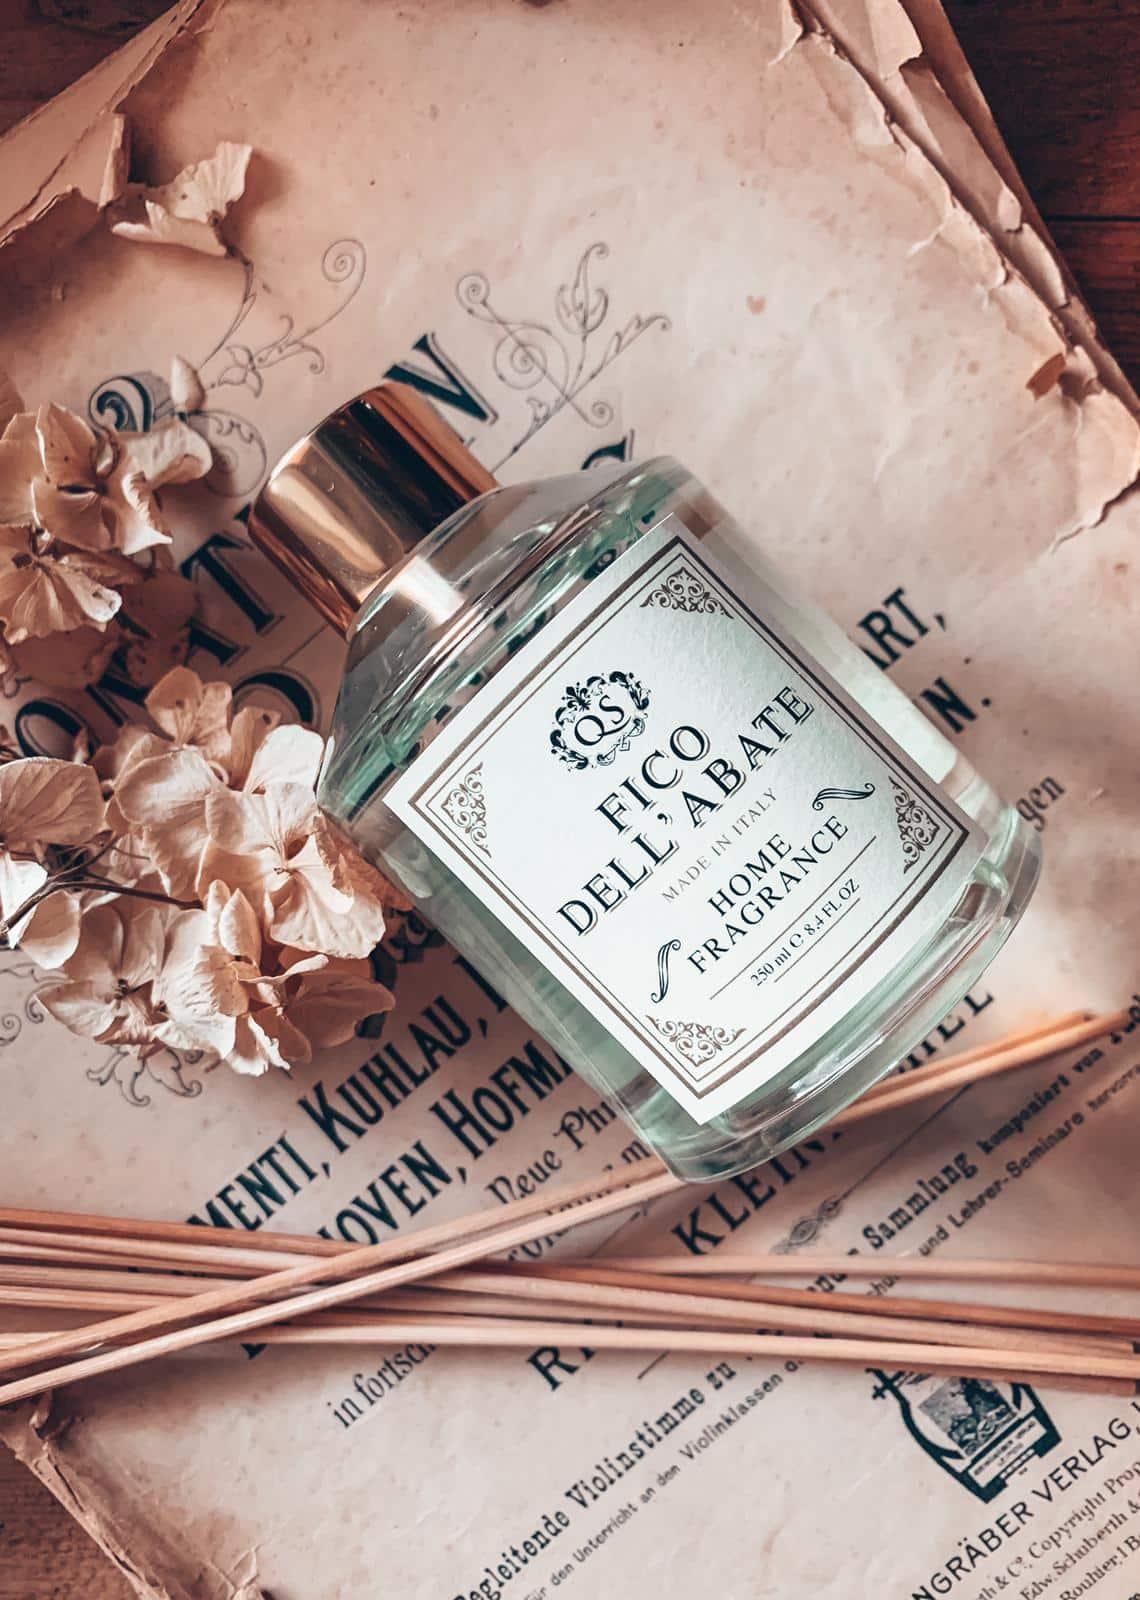 fragranza ambiente fico dell'abate dolce bastonciniacquista online fragranza casa